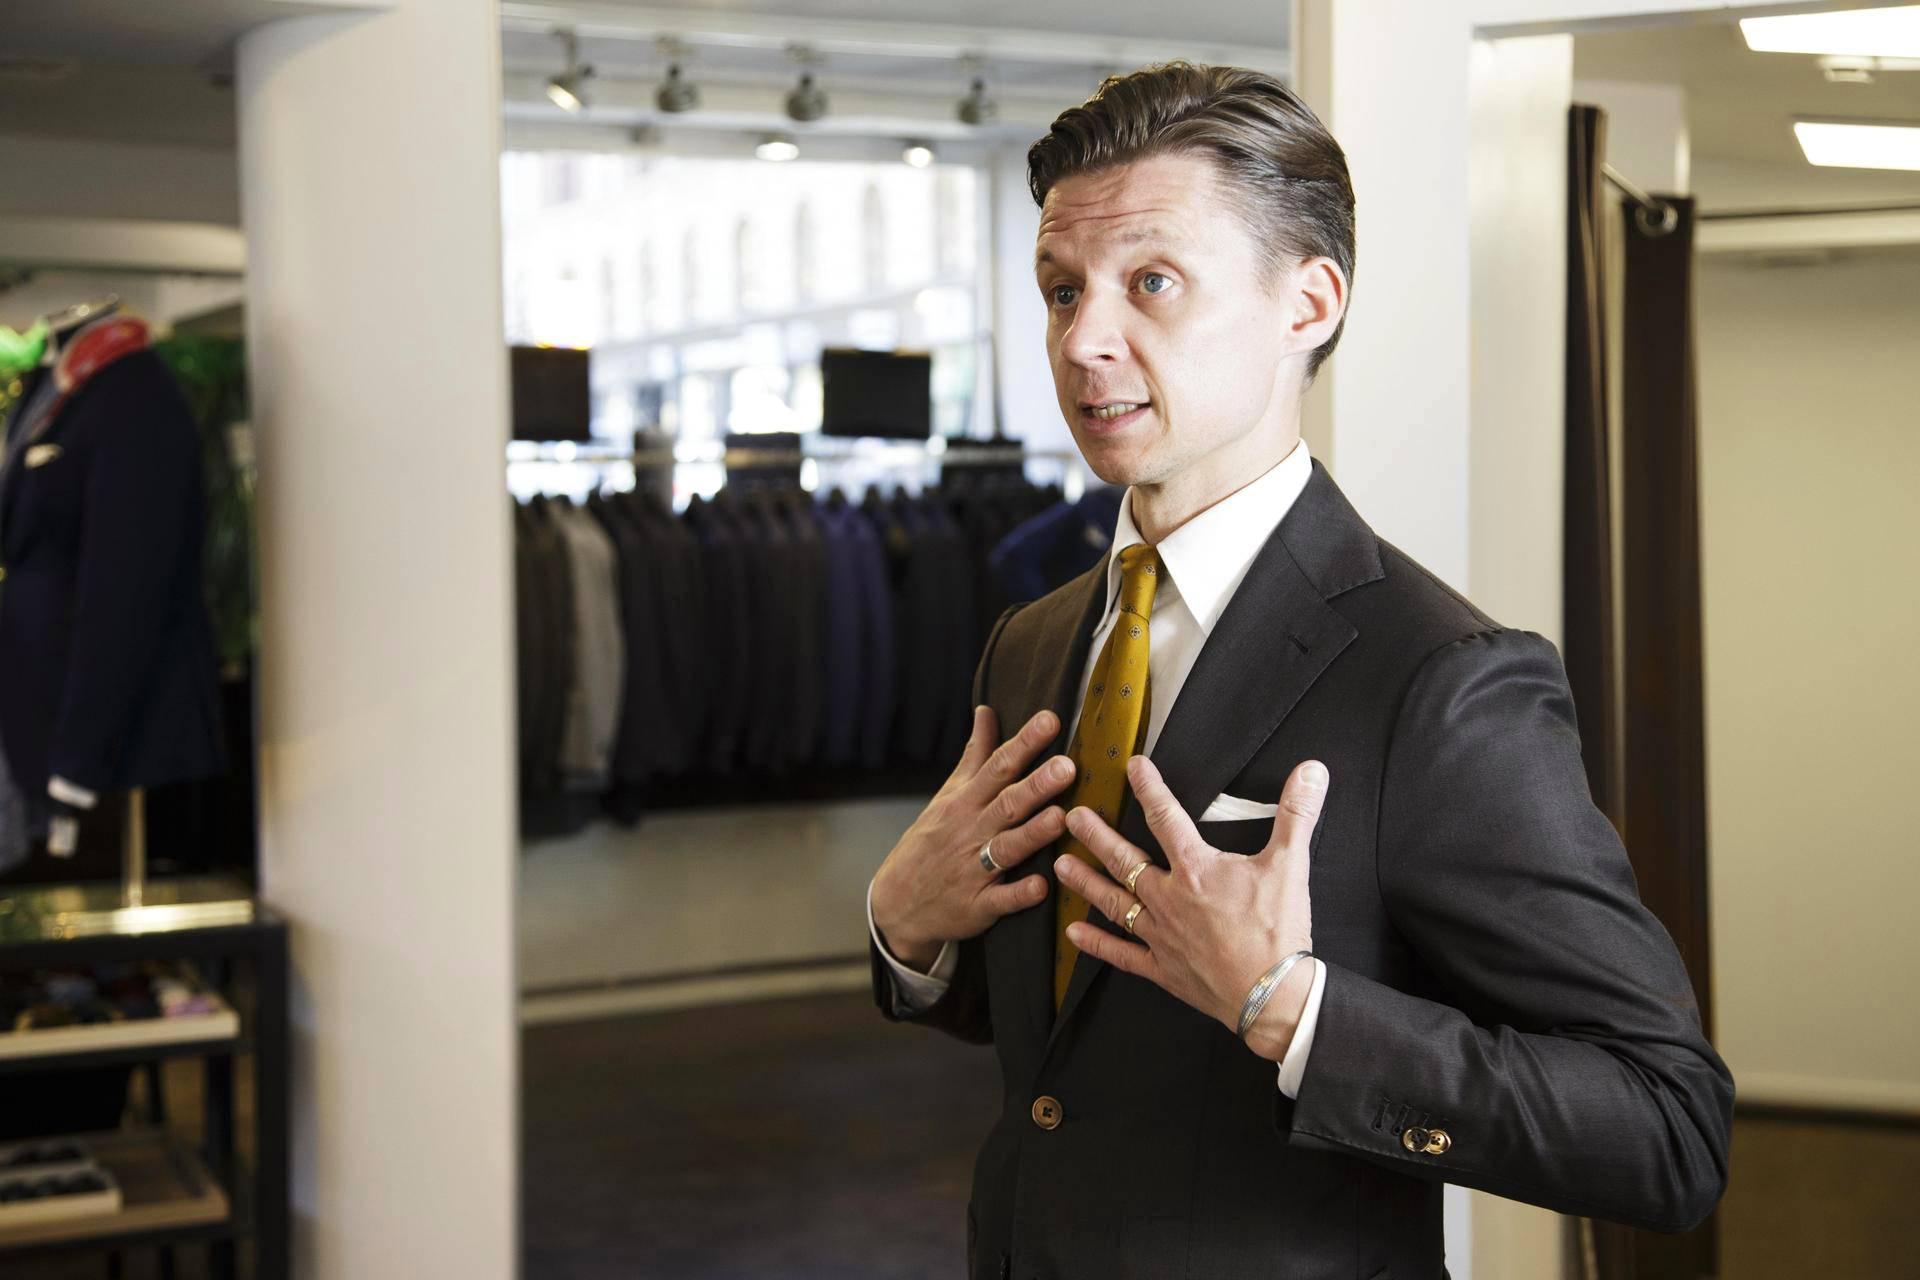 """Vaatturi Tuomo Pynttäri neuvoo keskustelemaan pukuostoksilla aina myyjän kanssa. """"Ammattitaitoinen myyjä osaa suositella kuhunkin käyttötarkoitukseen sopivaa pukua."""""""